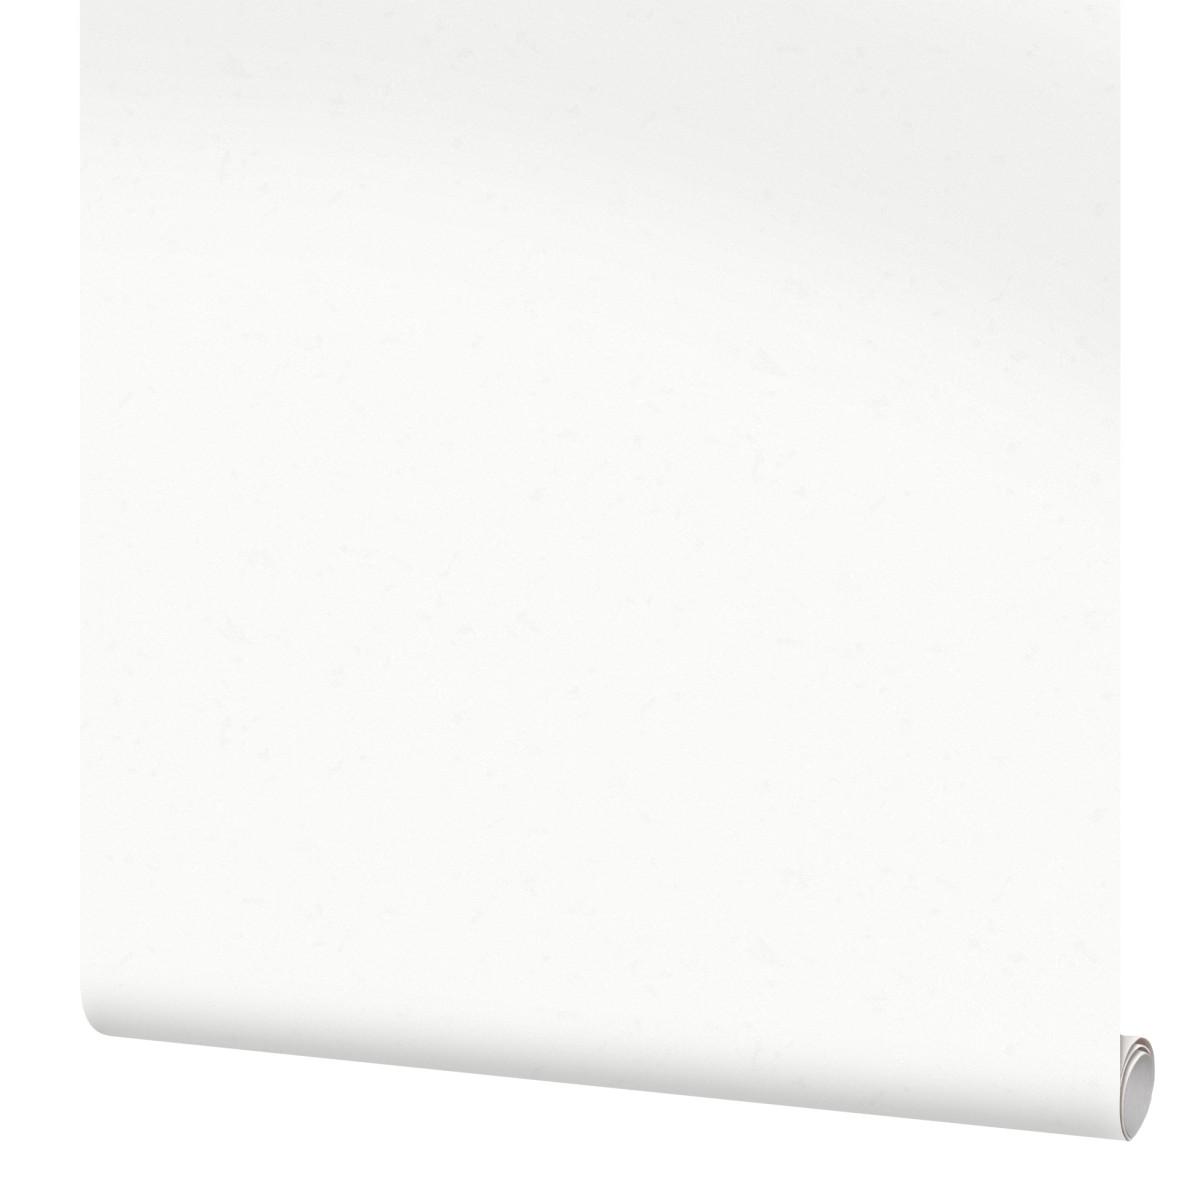 Обои флизелиновые Erismann Fusion белые 1.06 м 60024-02